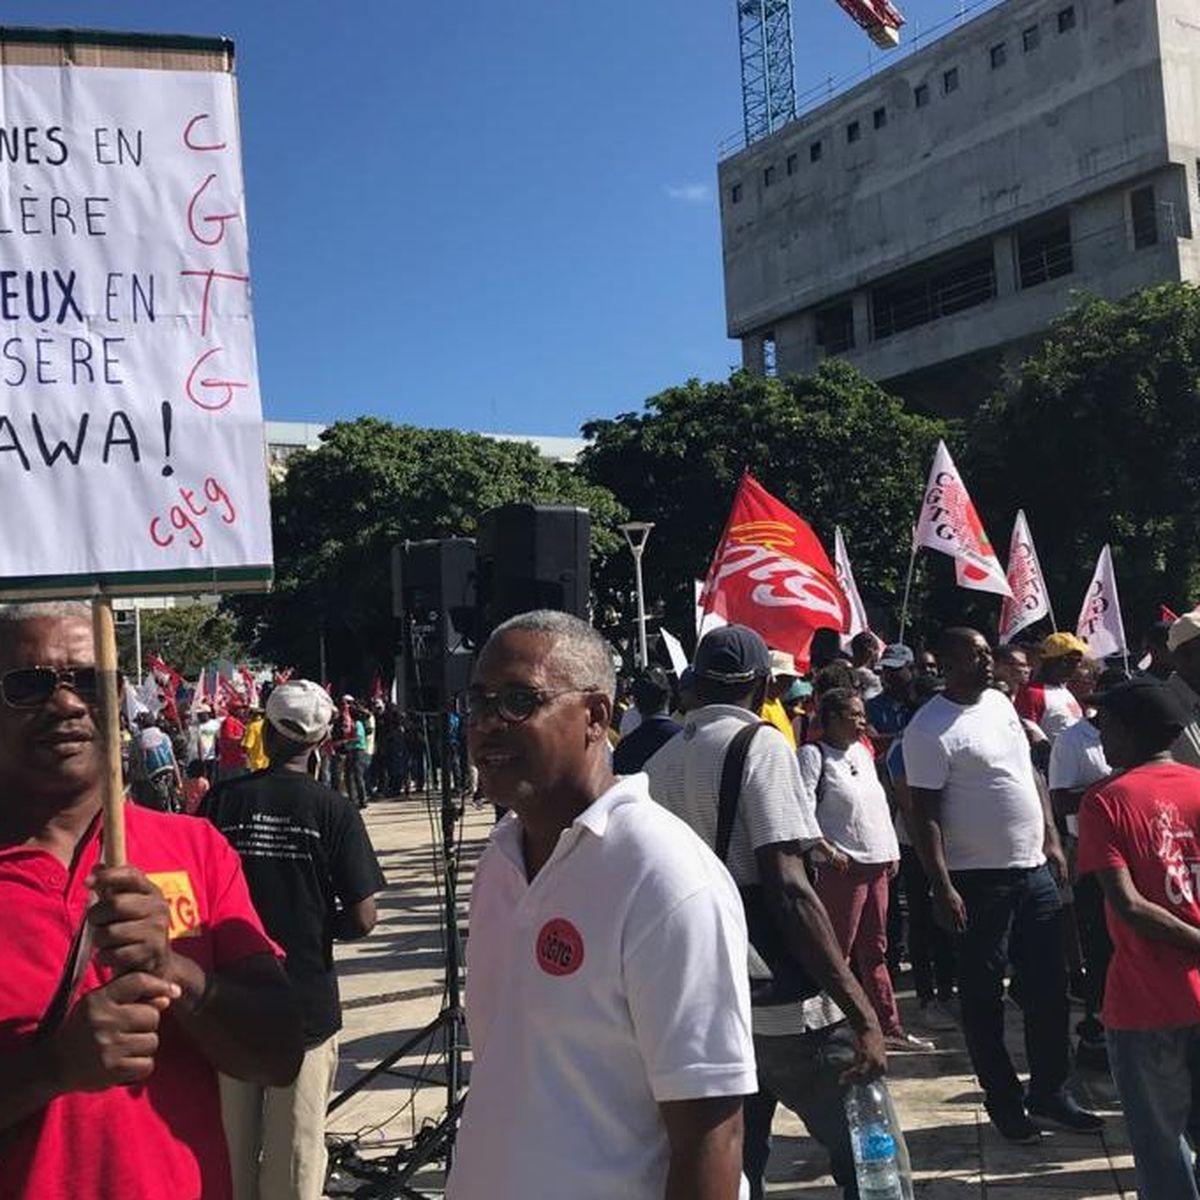 Mobilisation très suivie contre la réforme des retraites